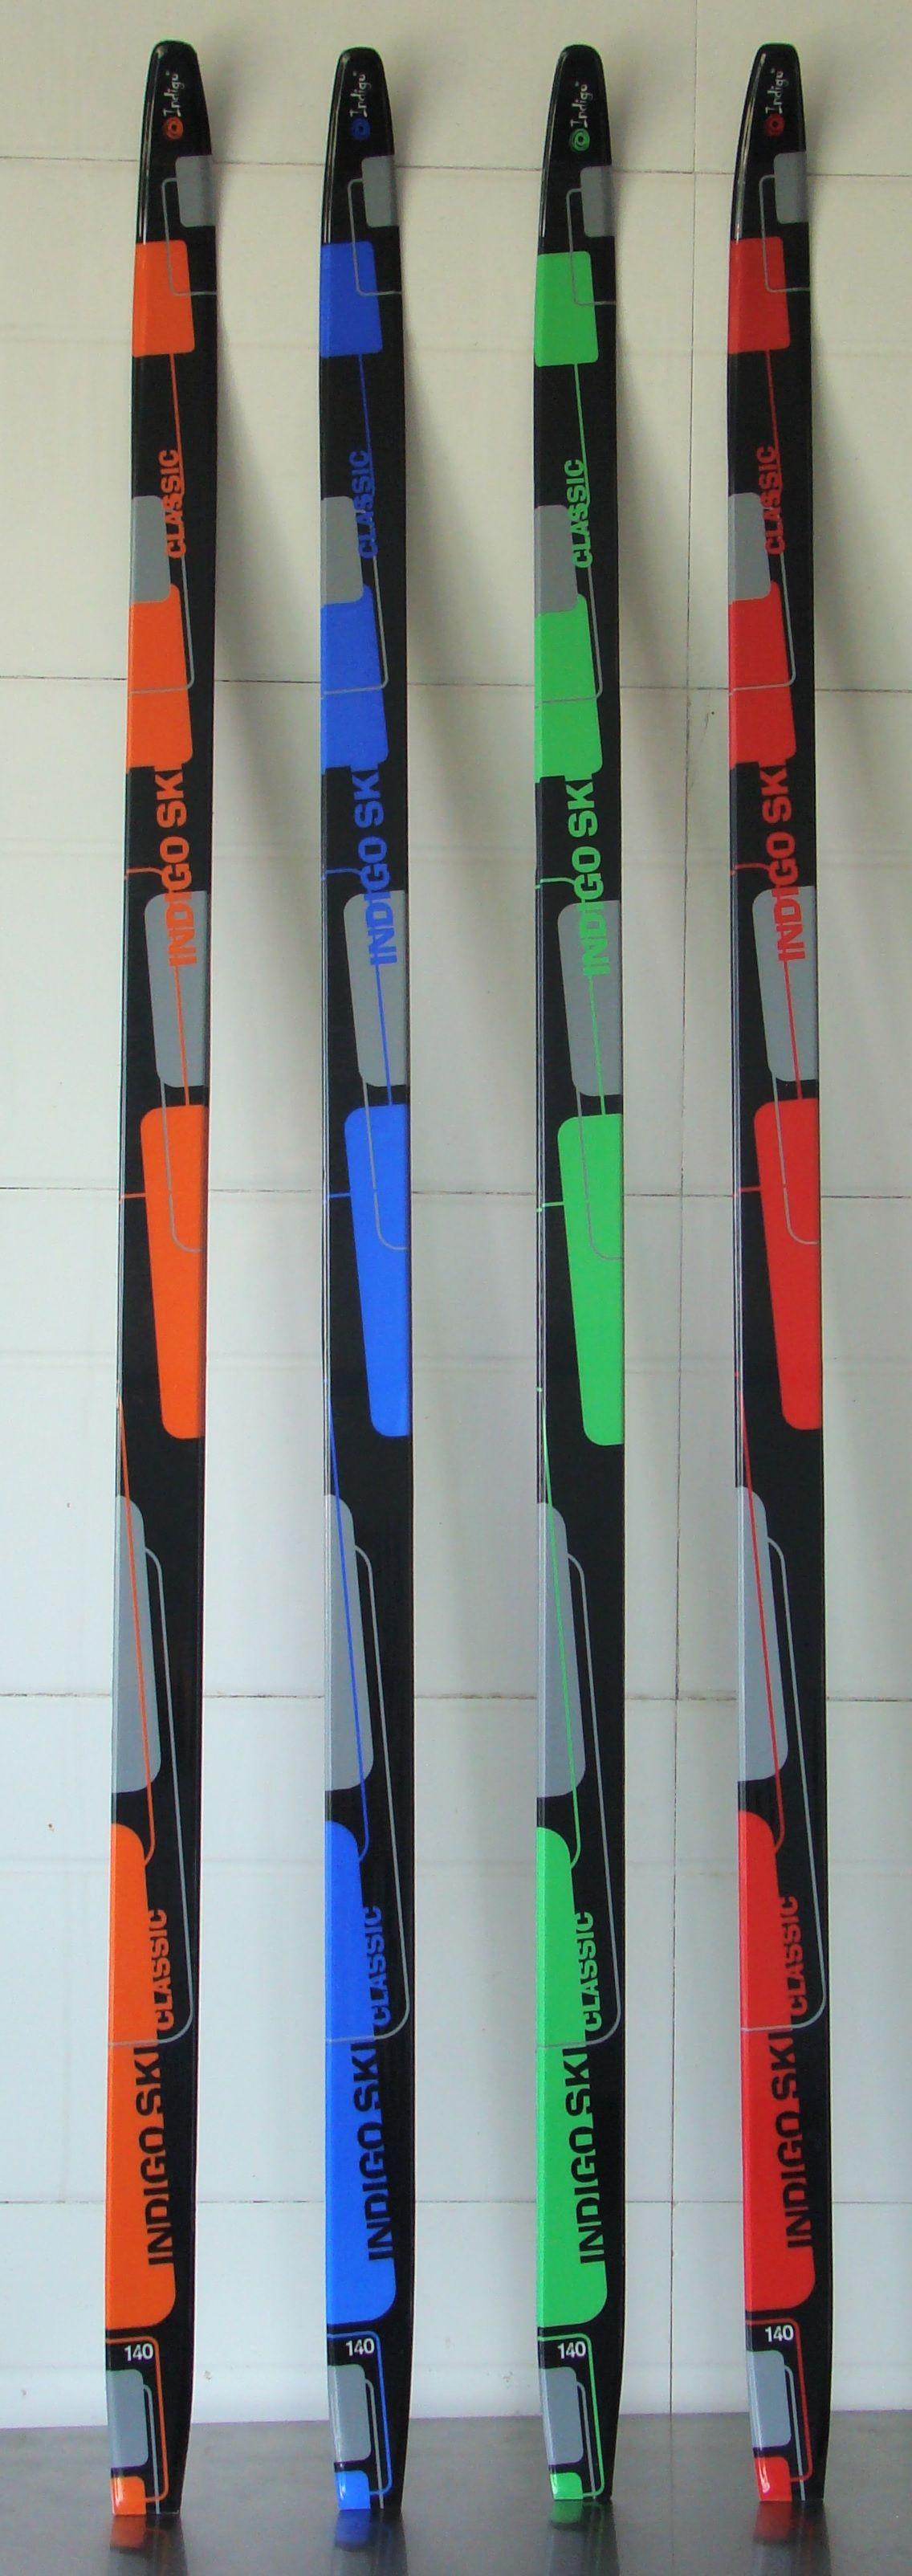 Лыжи п/пл INDIGO CLASSIC 140см цв. Зеленый от Ravta